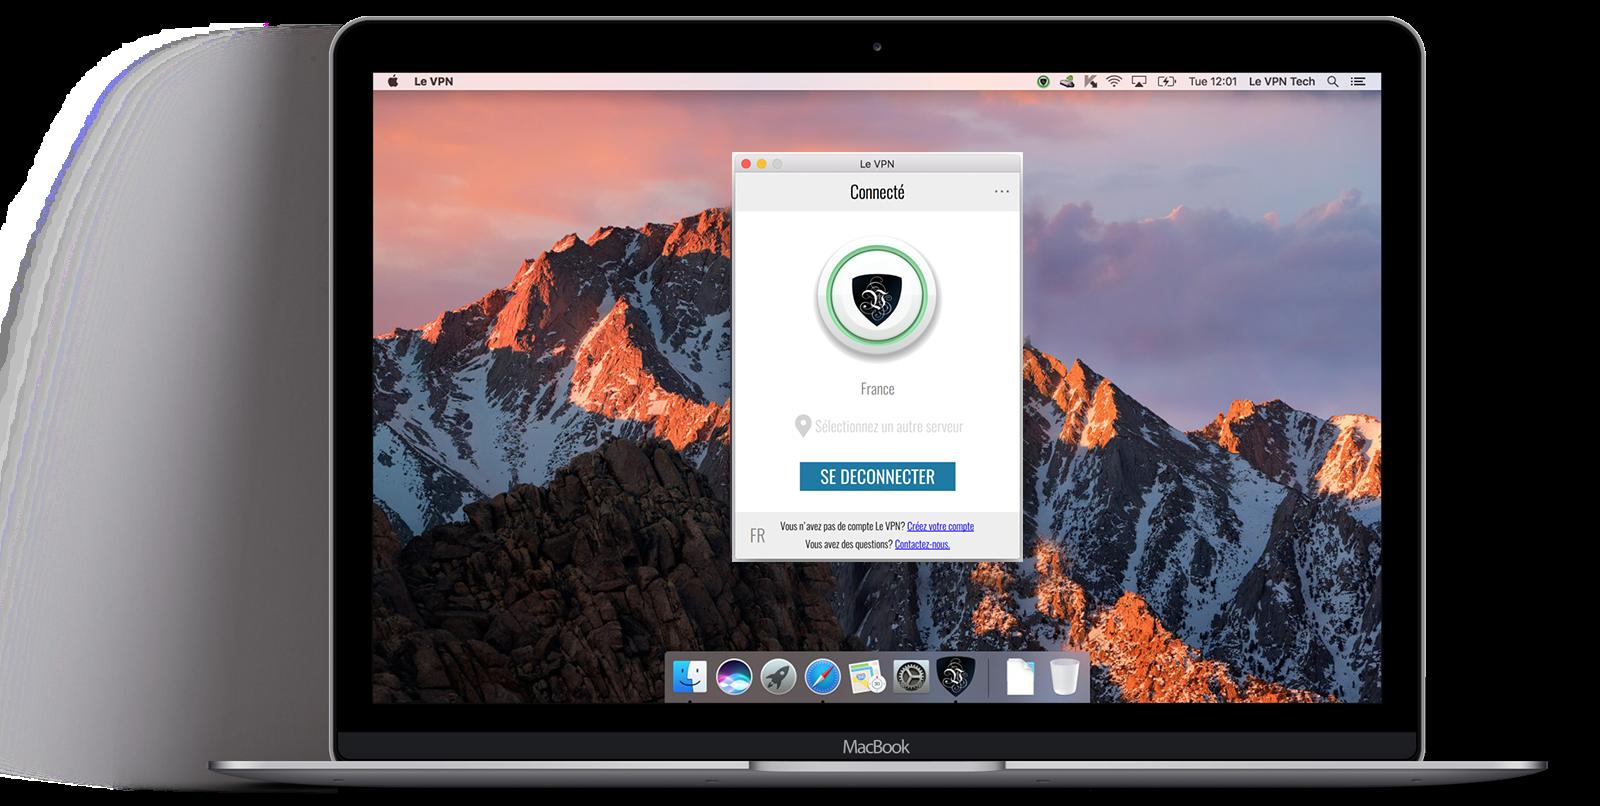 Le VPN lance l'application VPN mac OS, un logiciel VPN sur mesure pour ordinateurs Mac | application VPN iOS | appli VPN iOS